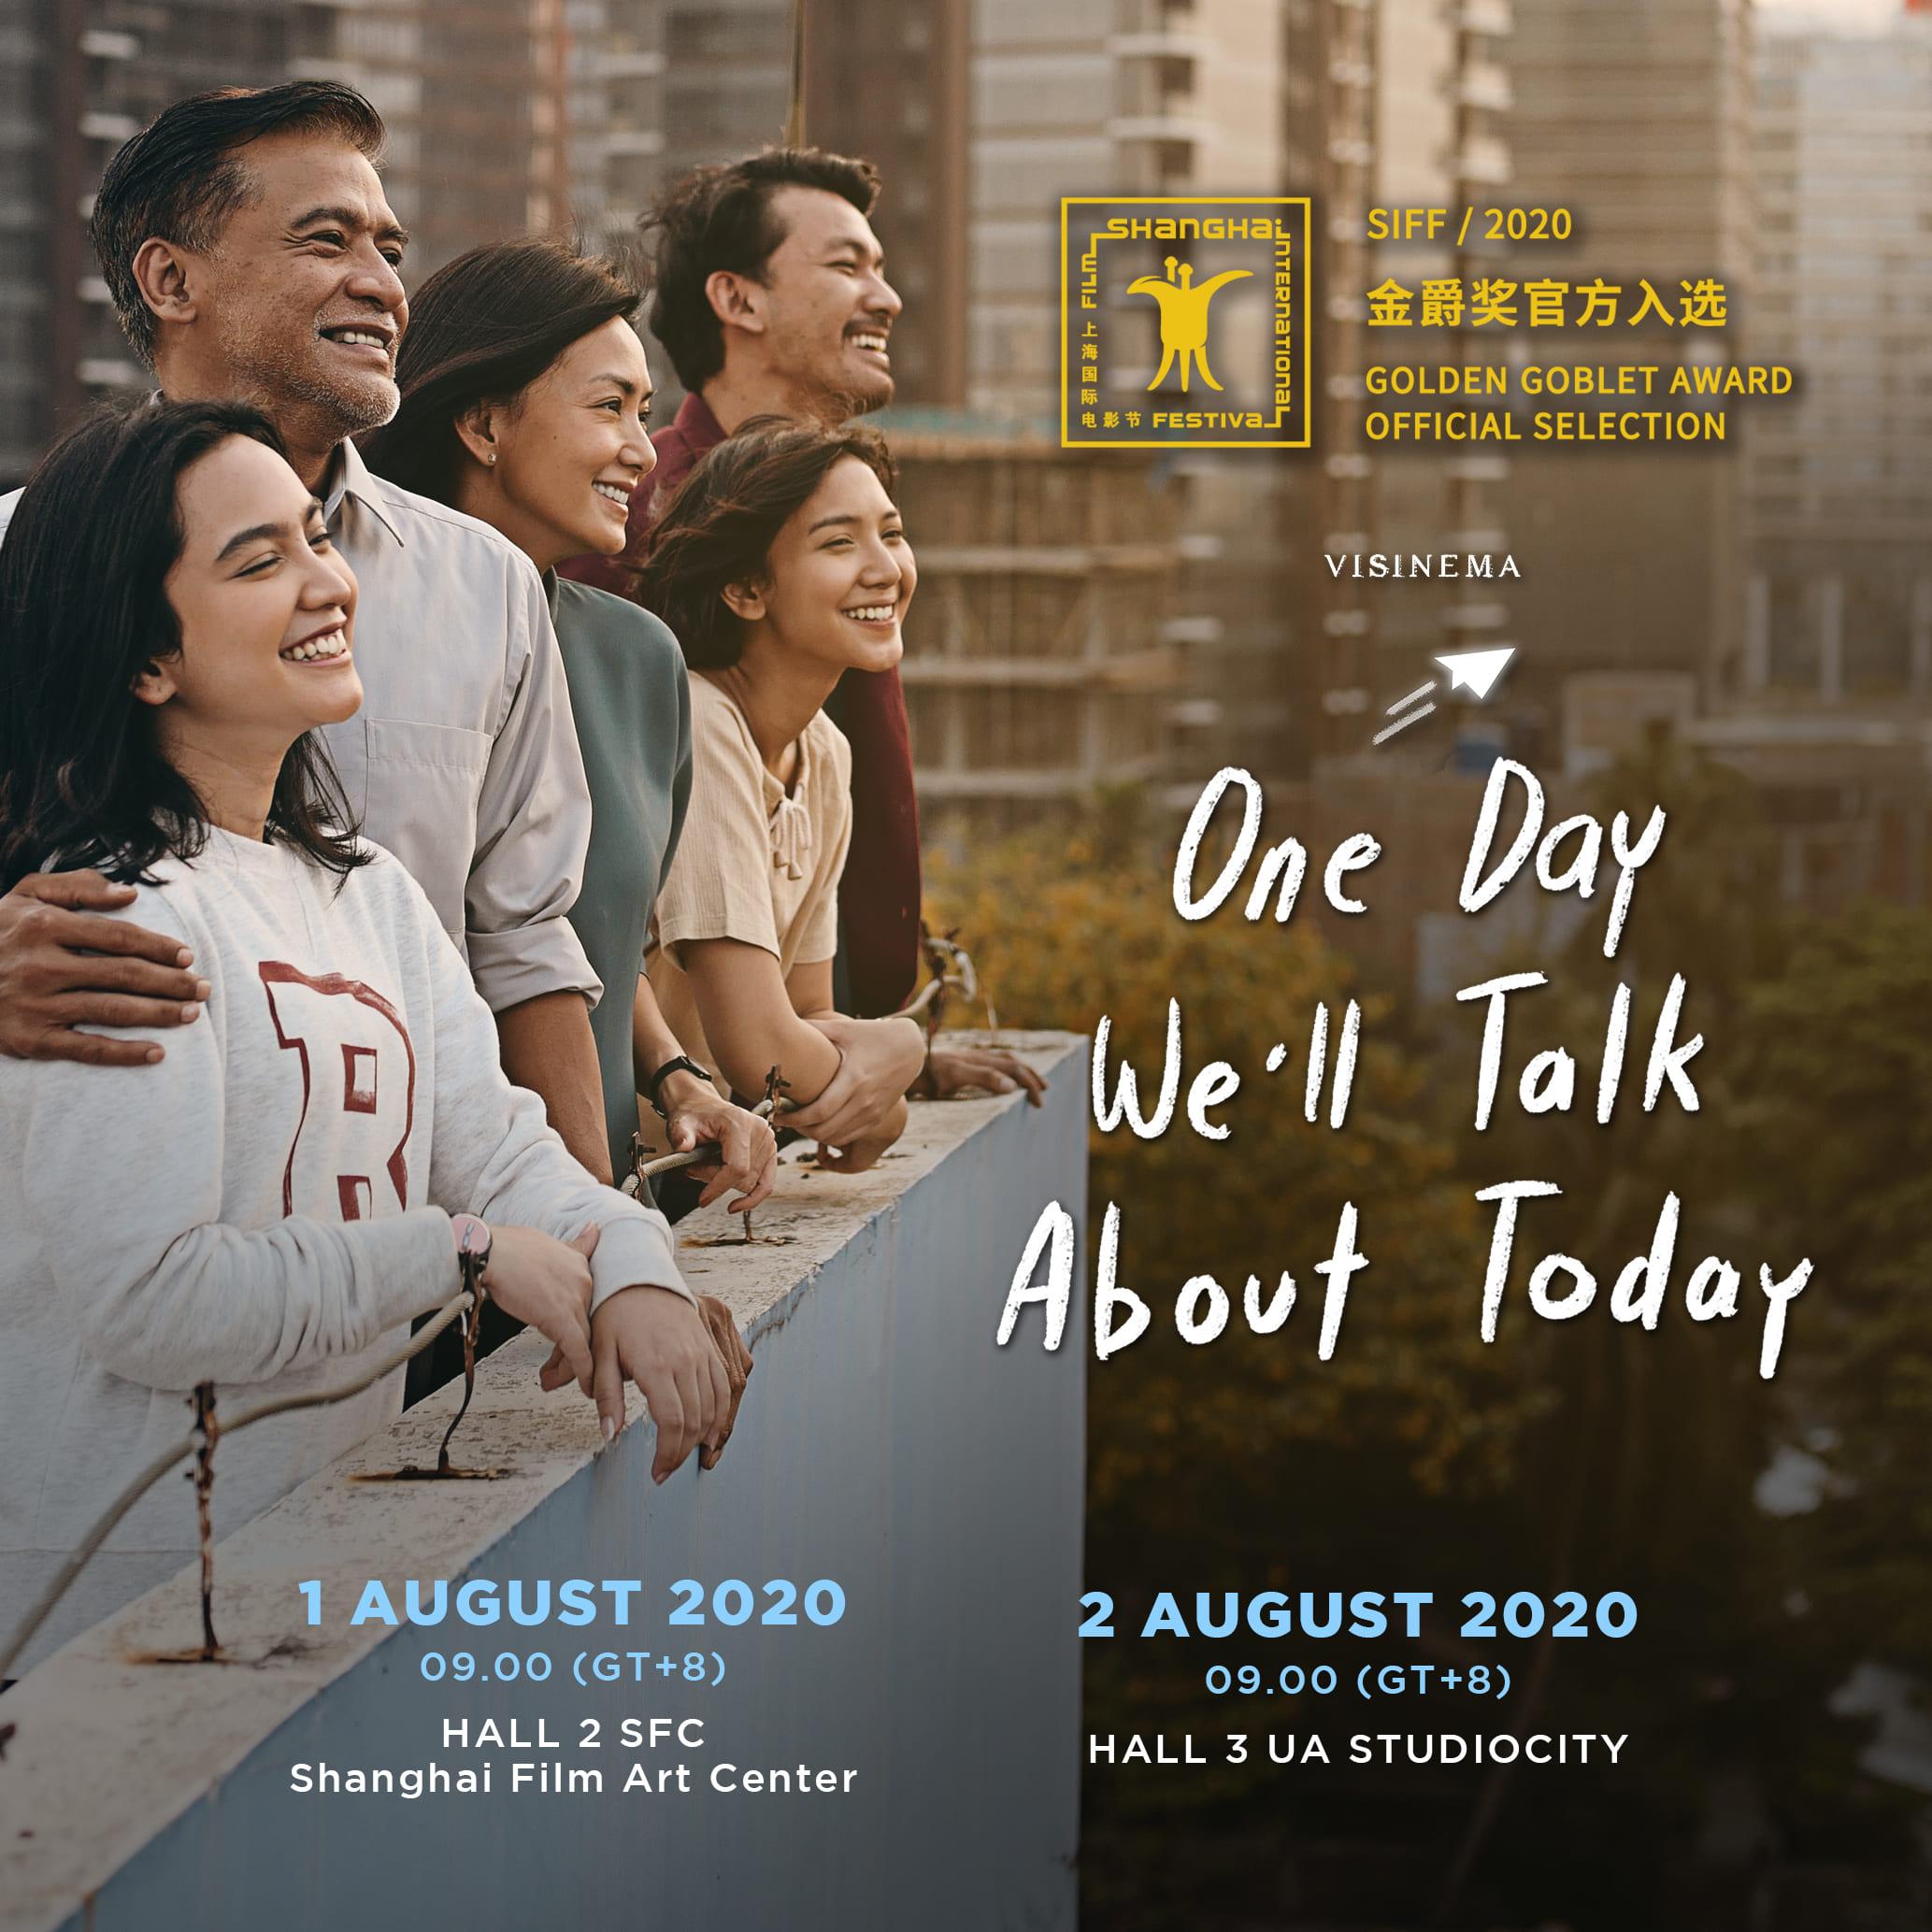 Film Indonesia Nanti Kita Cerita Tentang Hari Ini Tayang di Shanghai International Film Festival Ke-23